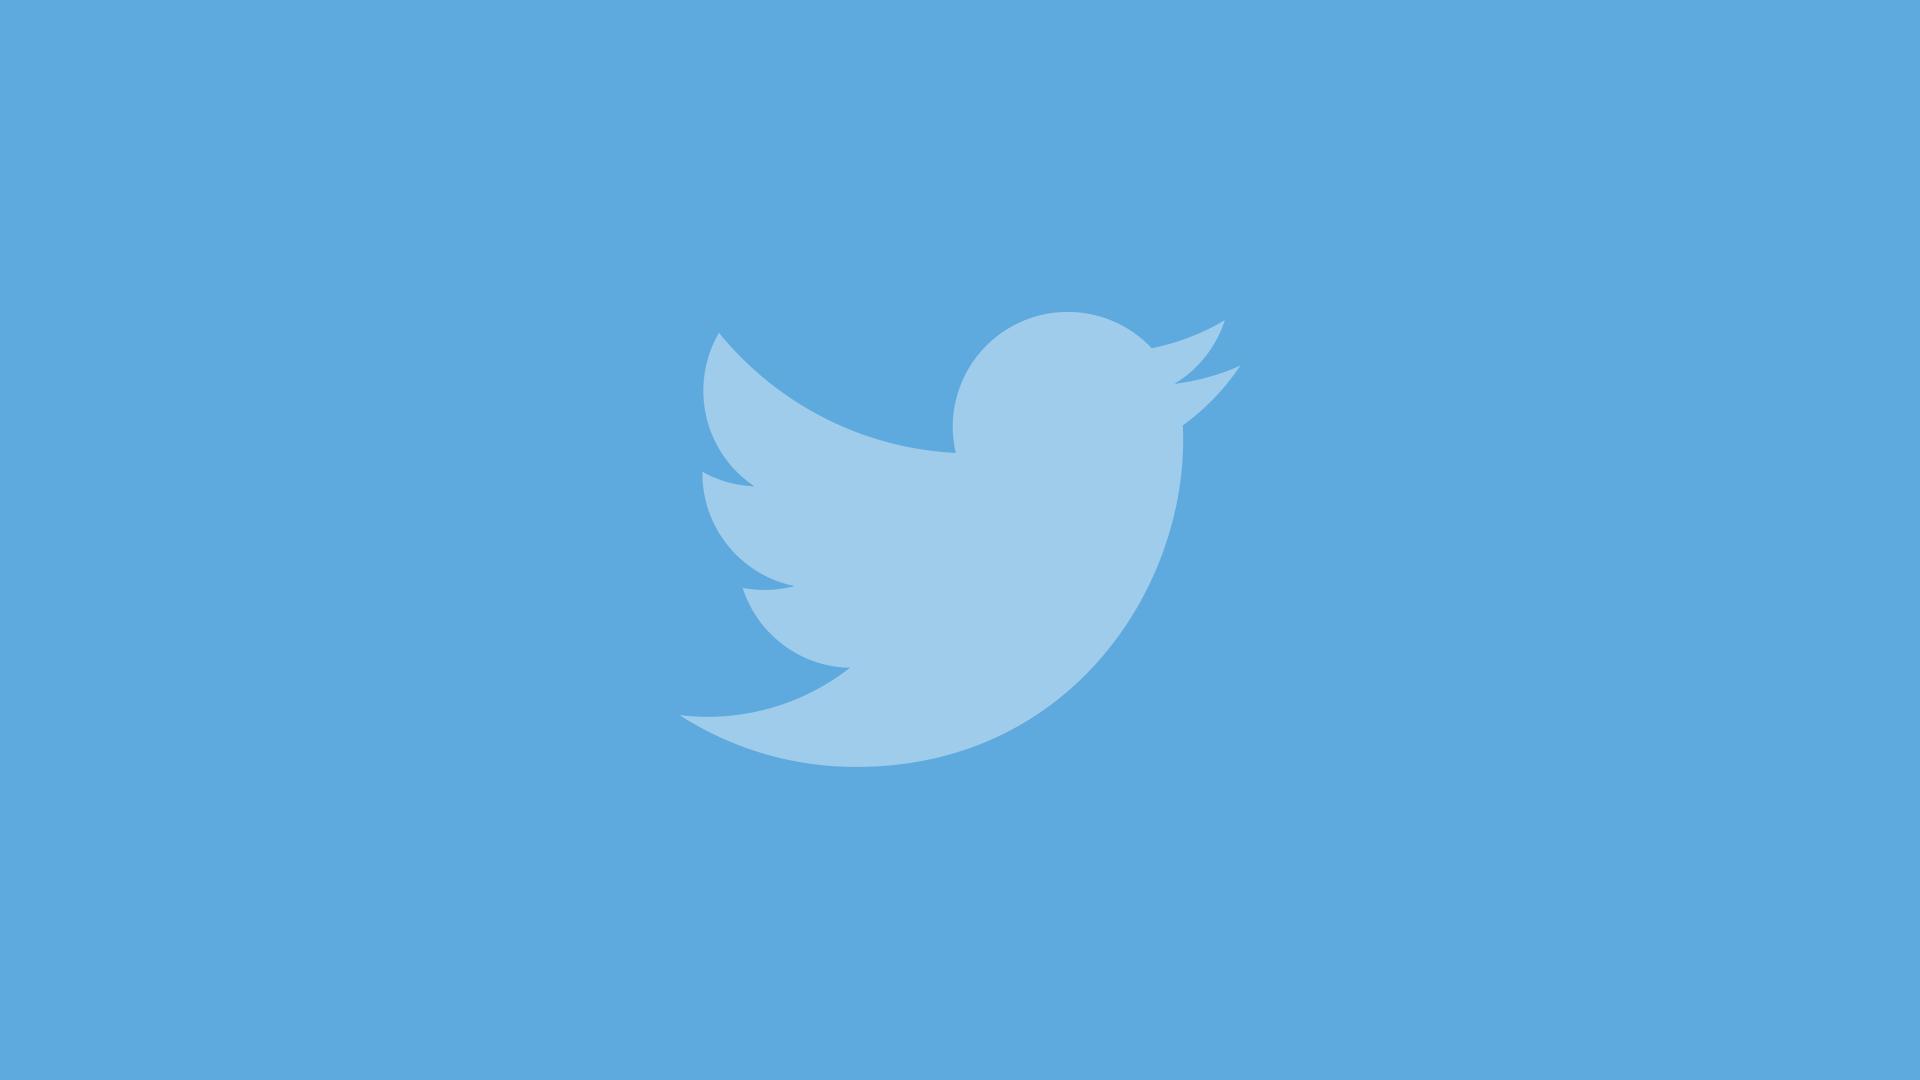 sosyal medya rehberi - twitter rehberi - facebook rehberi - siber güvenlik rehberi - kripto para rehberi